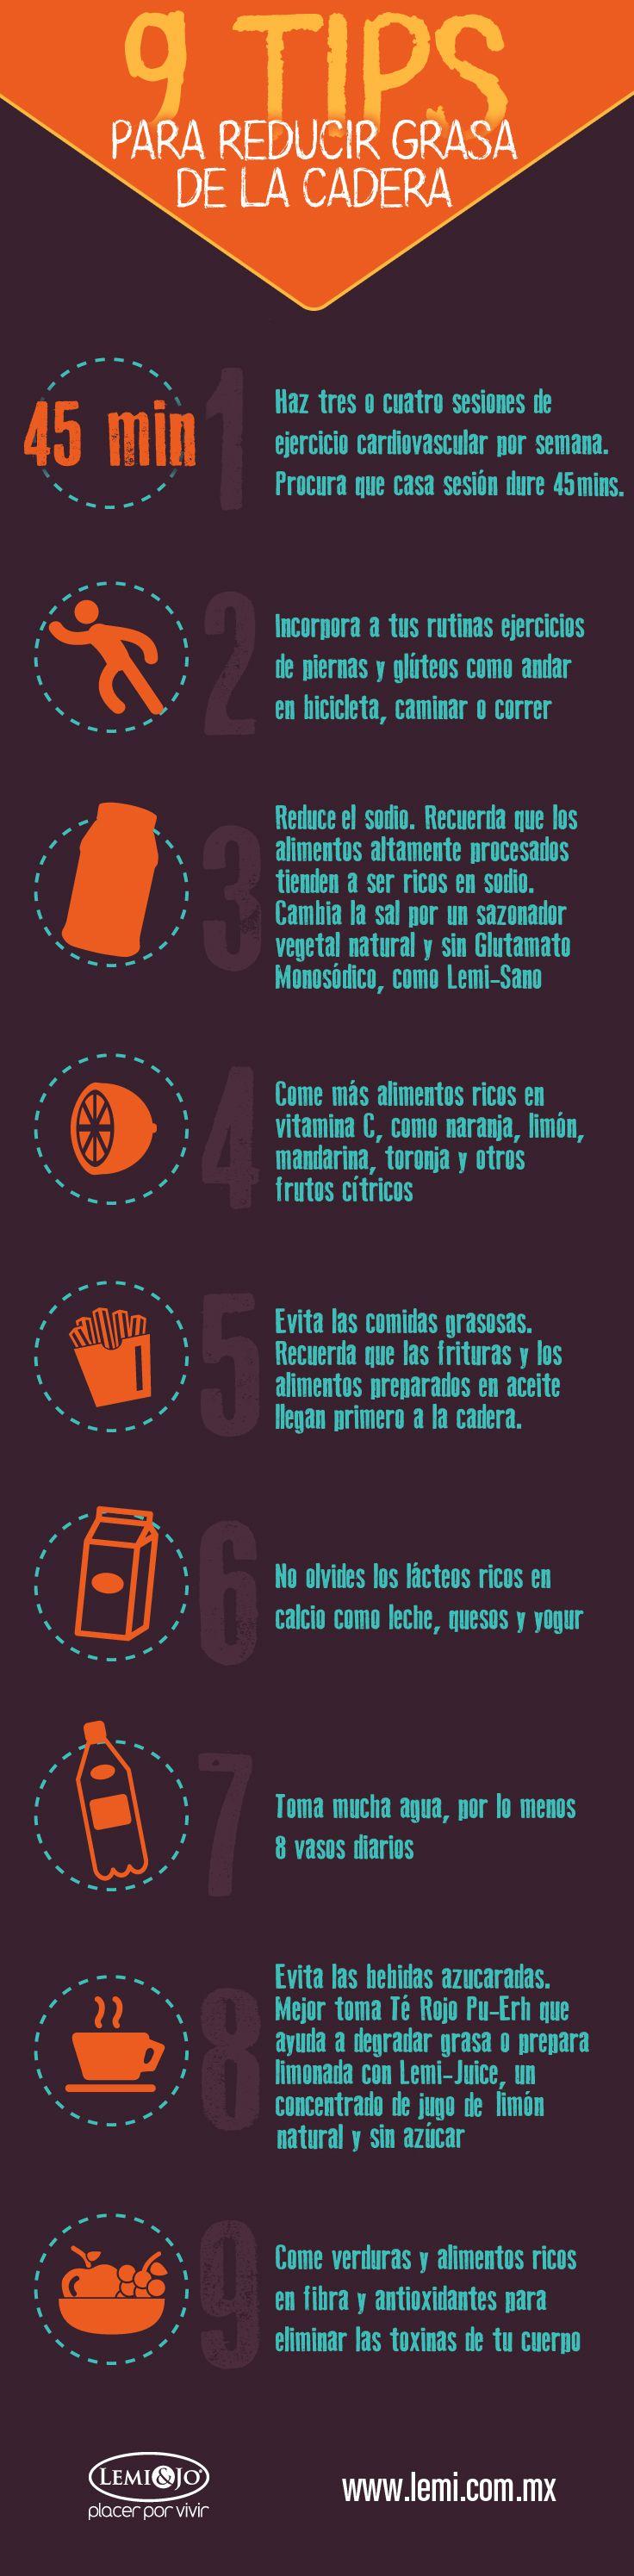 Infografía: 9 #tips para reducir #grasa de la cadera. #salud y #belleza